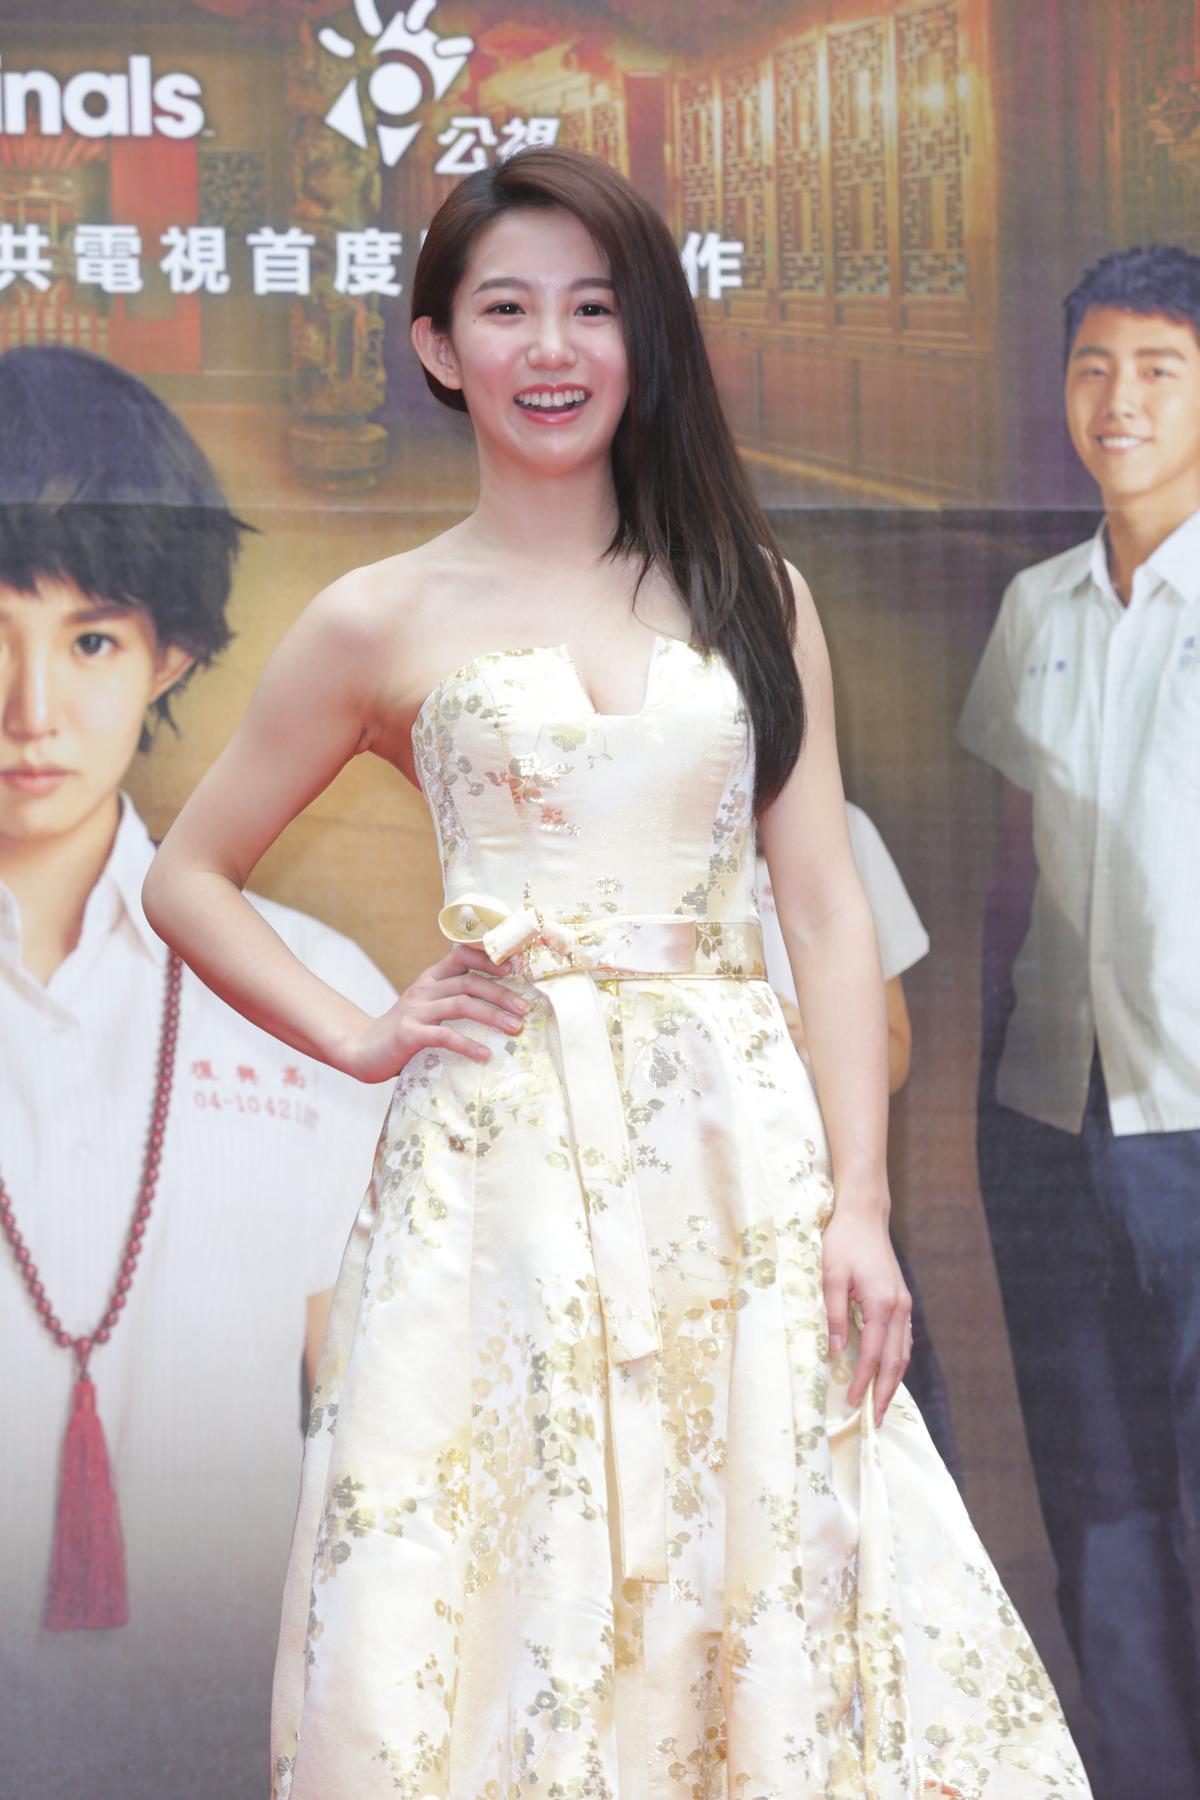 郭書瑤在《通靈少女》挑大梁演出,雖然已經26歲,但演起高中生仍然無違和。